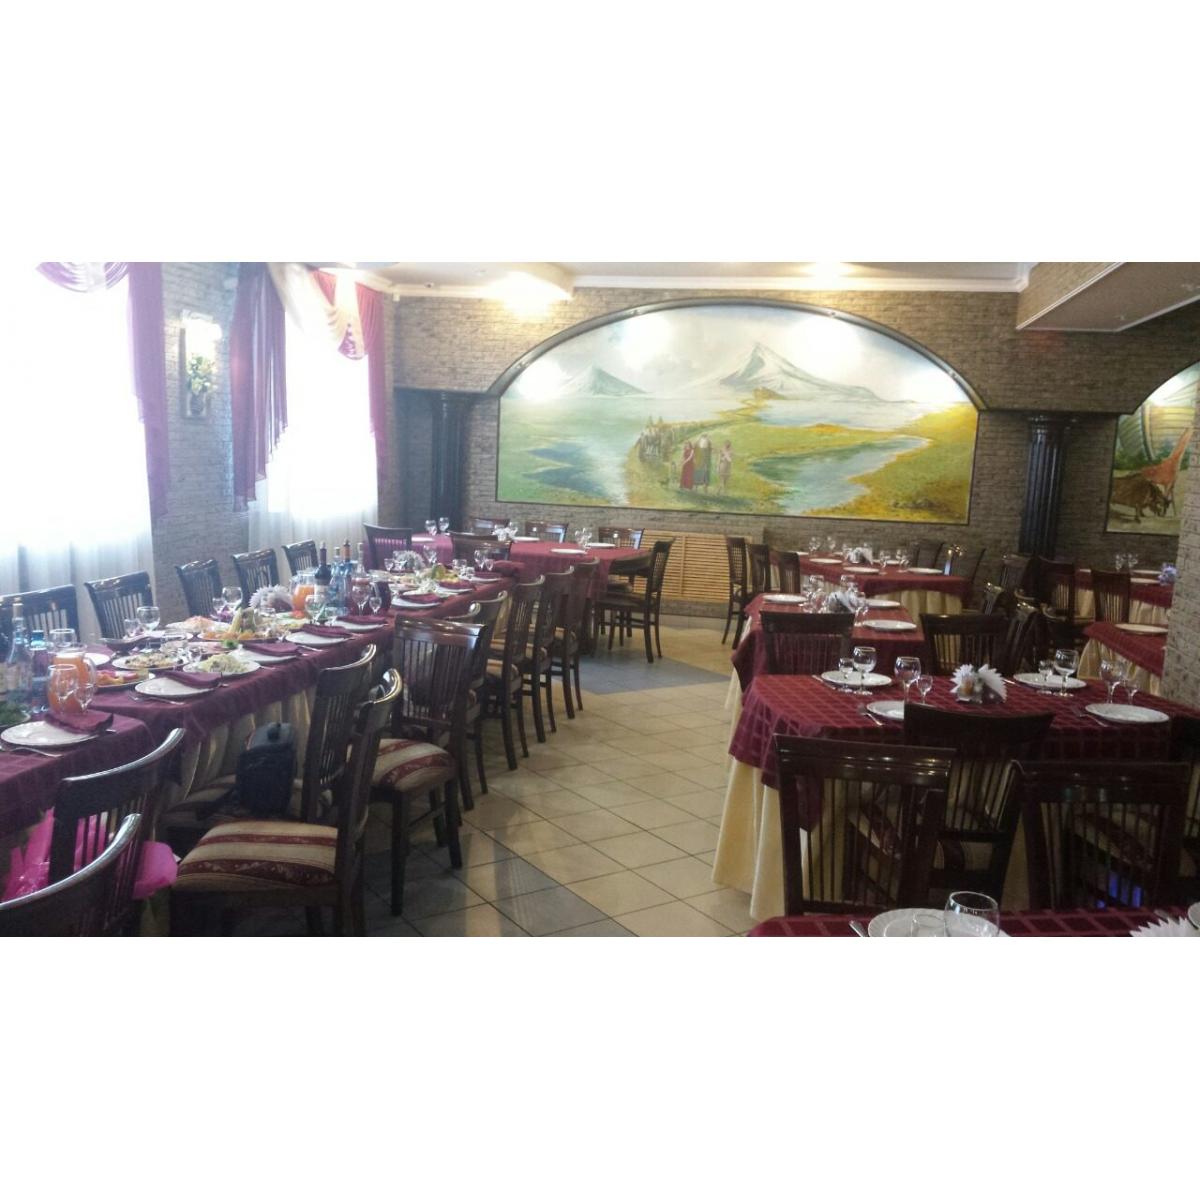 Шашлычный рай кафе  Доставка готовых блюд в Оренбурге